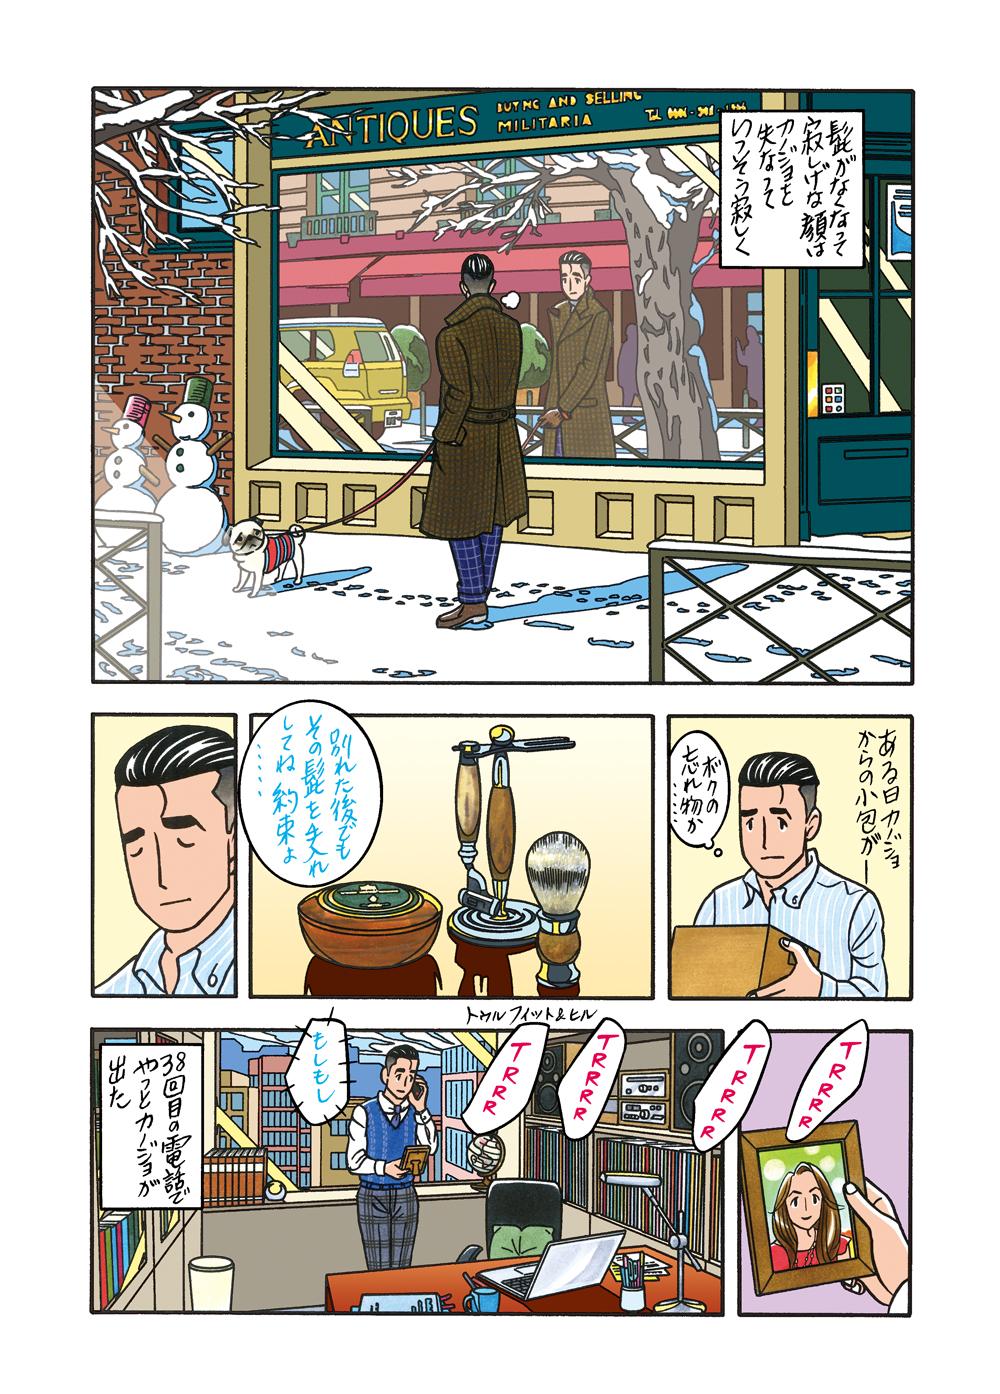 ワンダーカクテル 【第22話 その男の髭】6ページ目画像